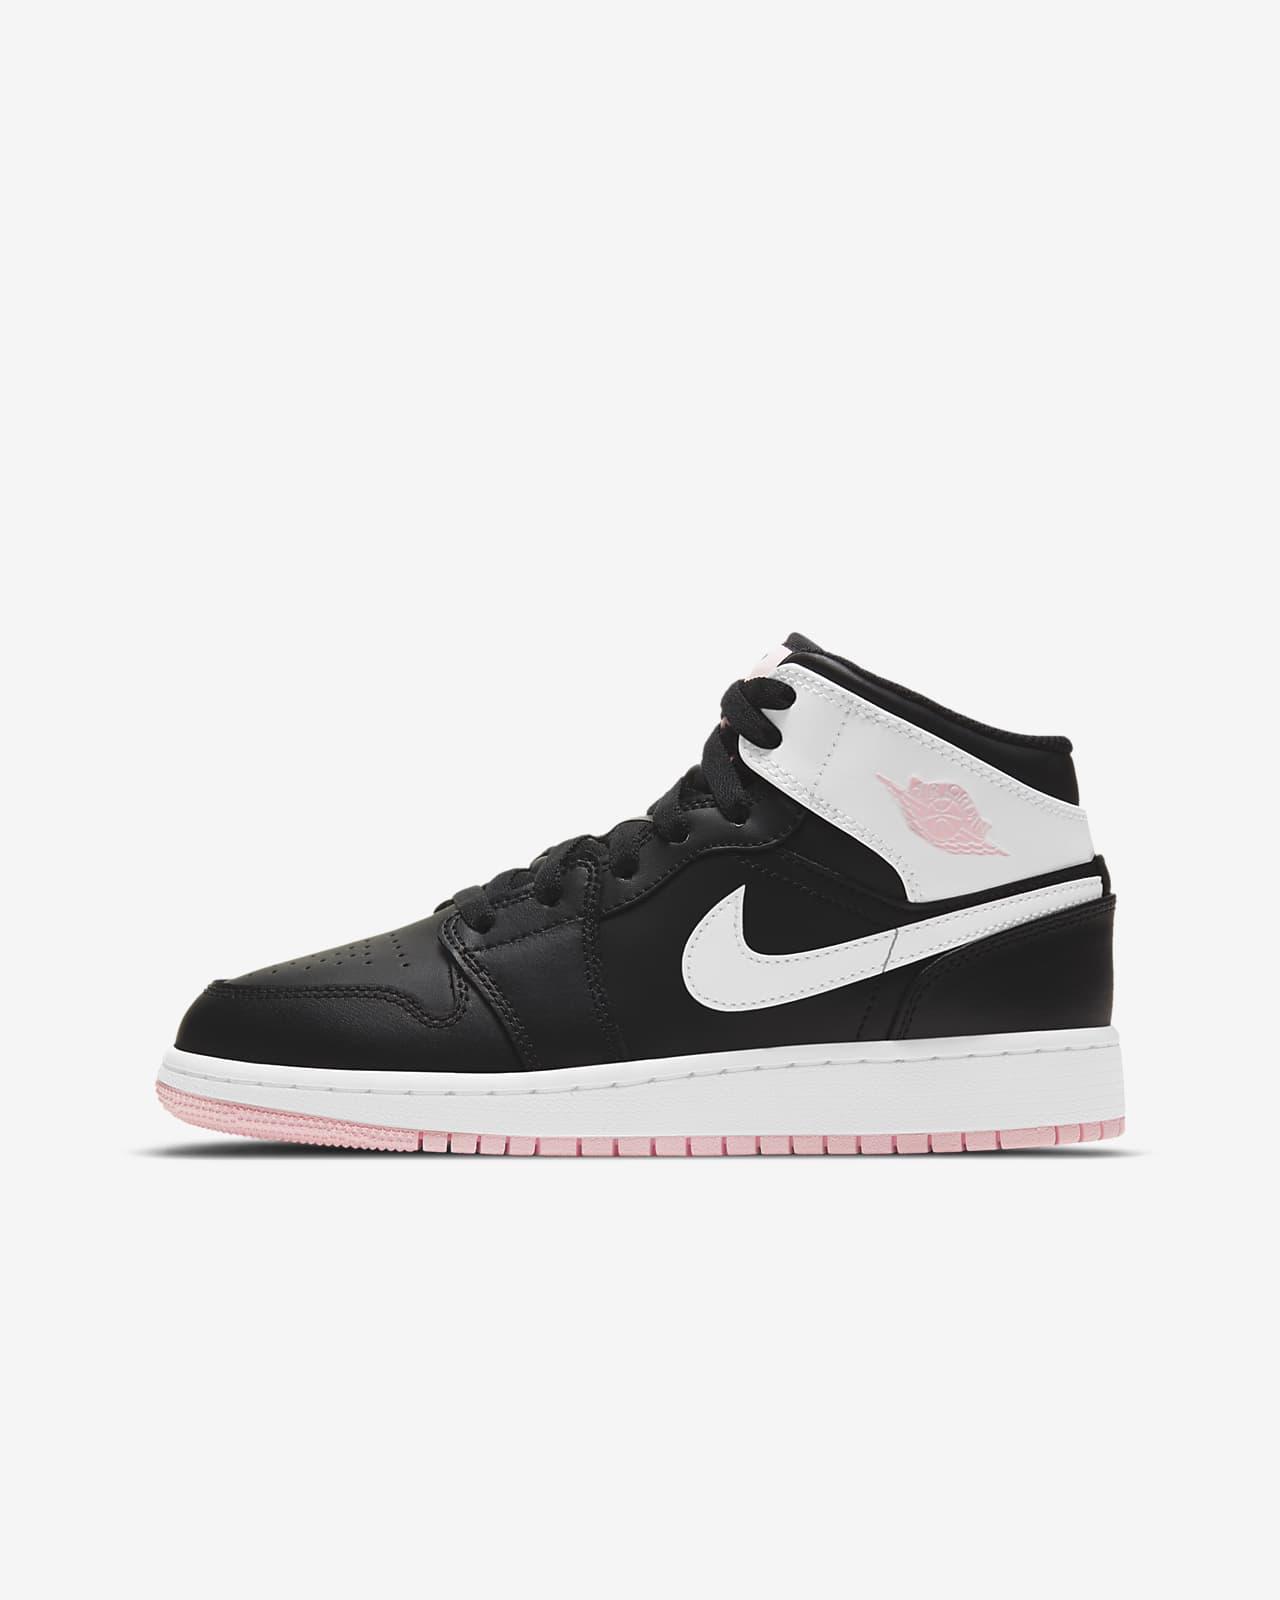 Air Jordan 1 Mid Older Kids' Shoes